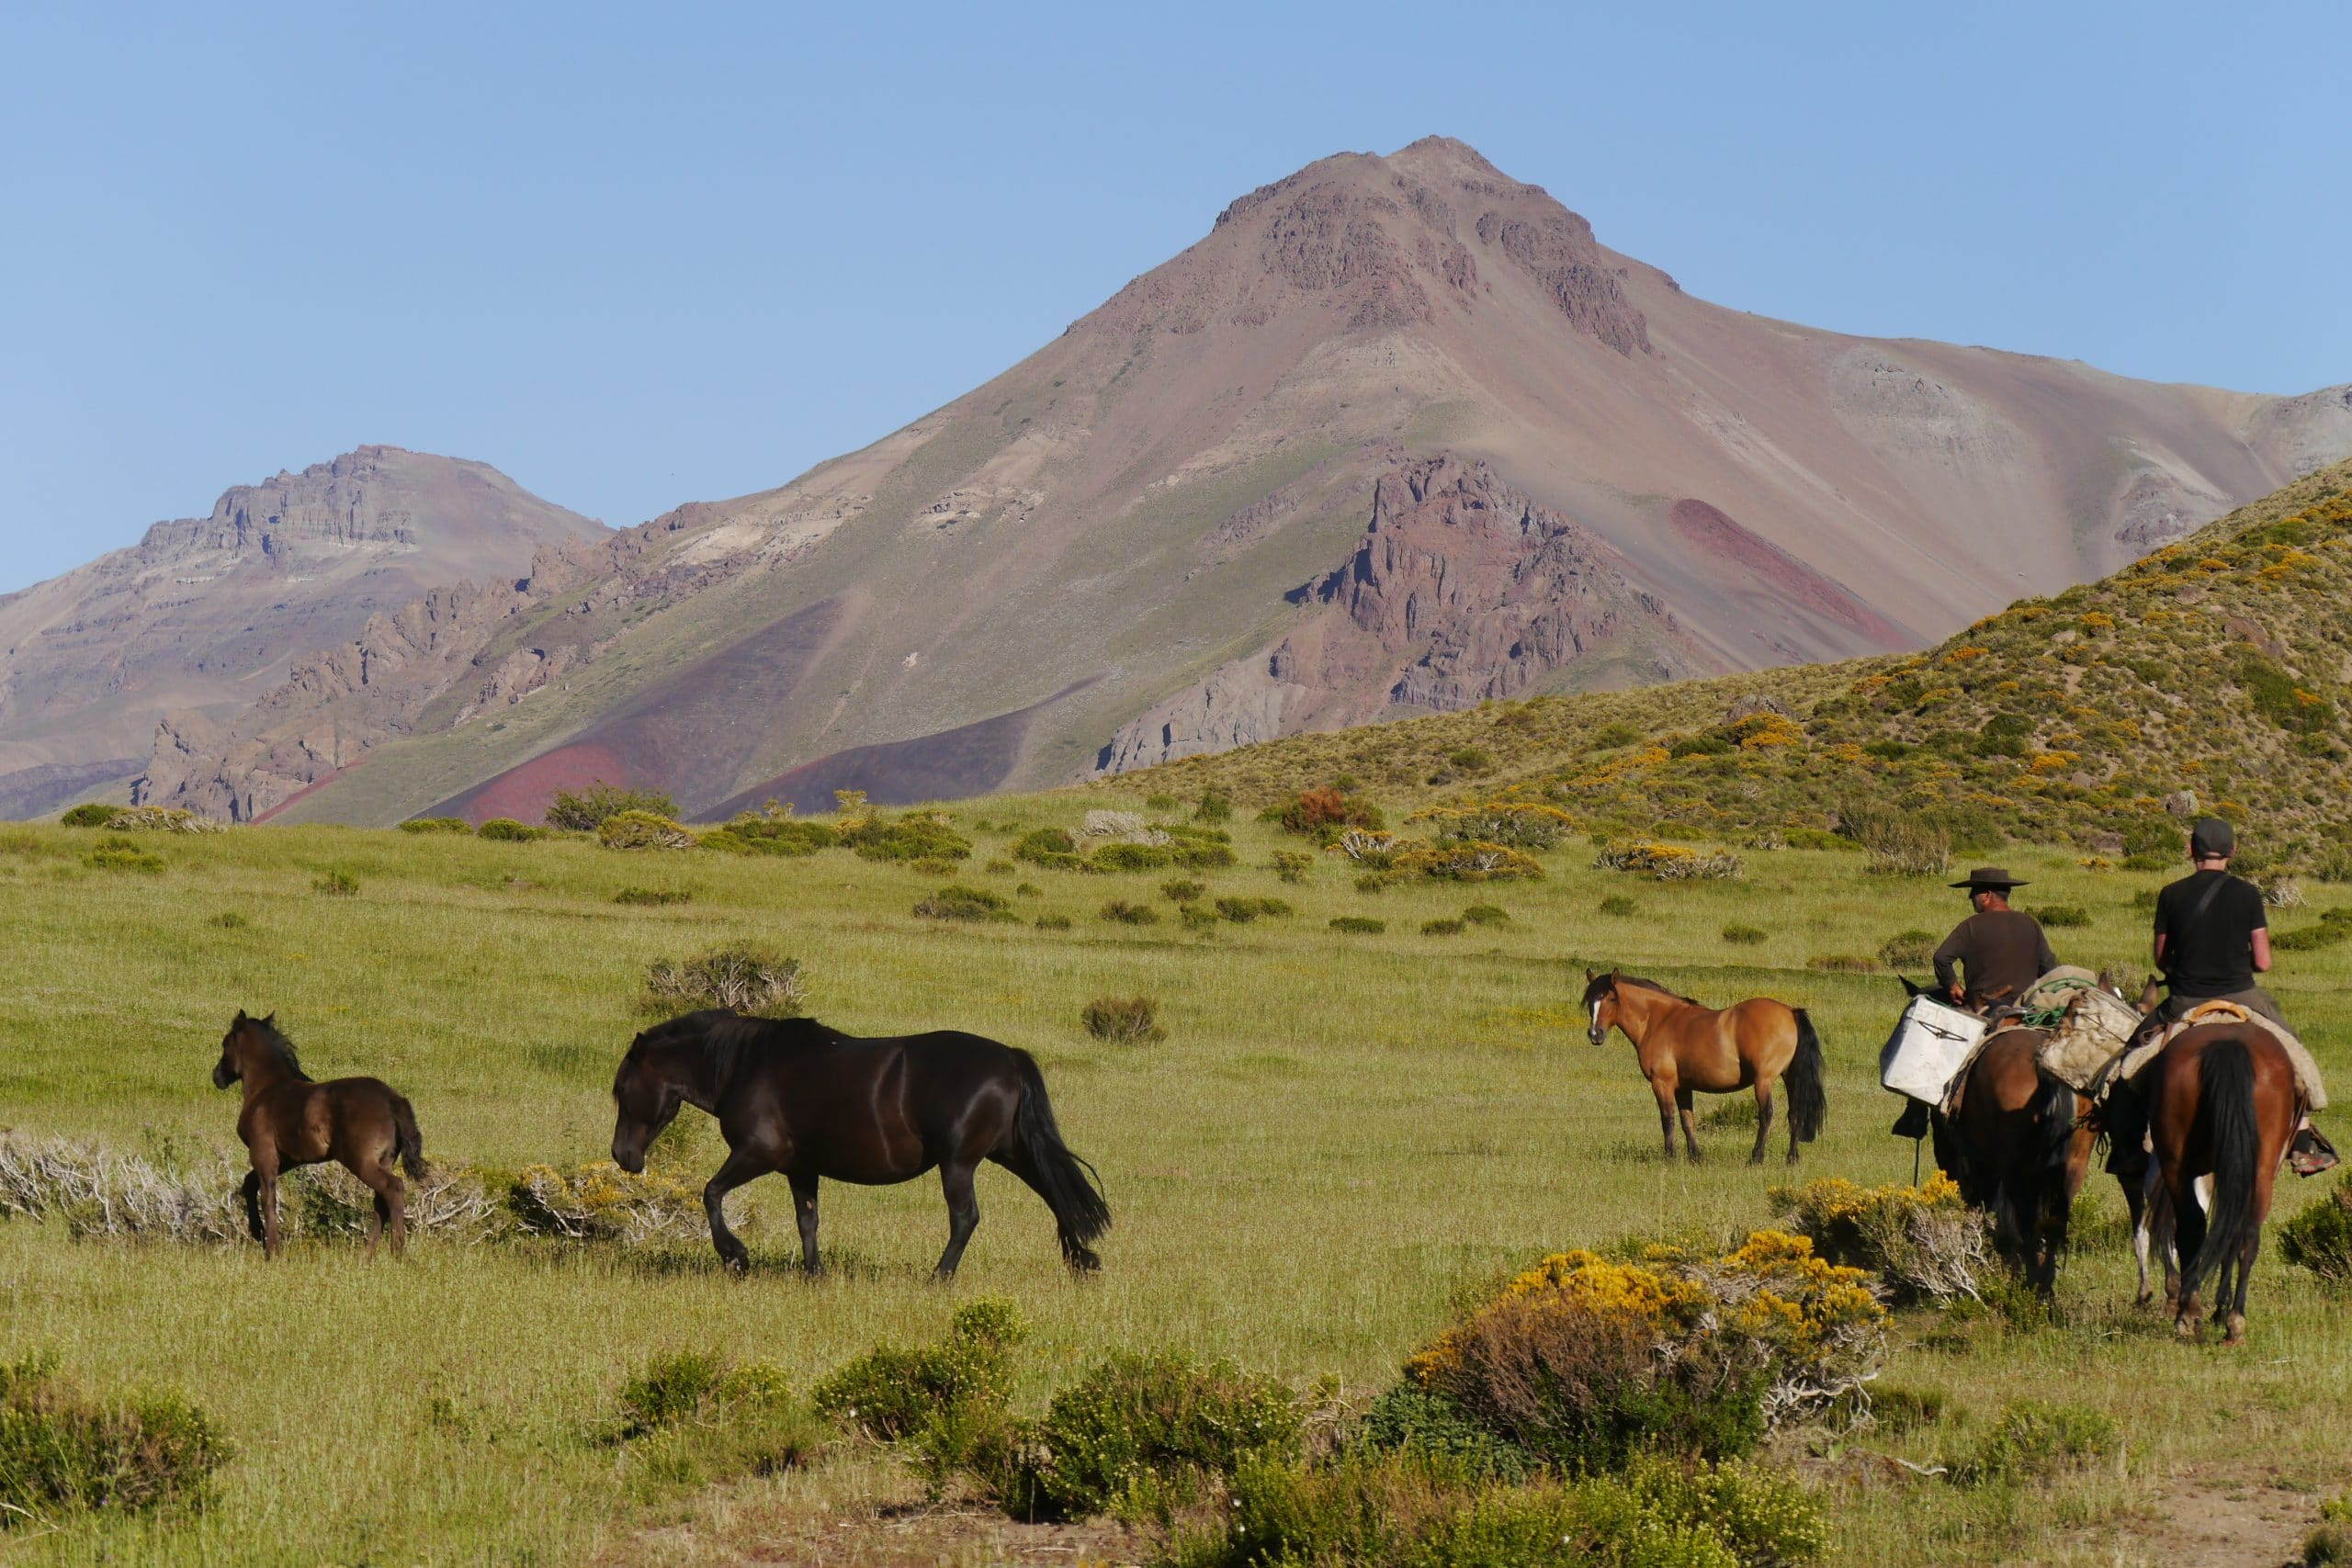 Schöne Aussicht und Ruhe in den Anden mit Pferden